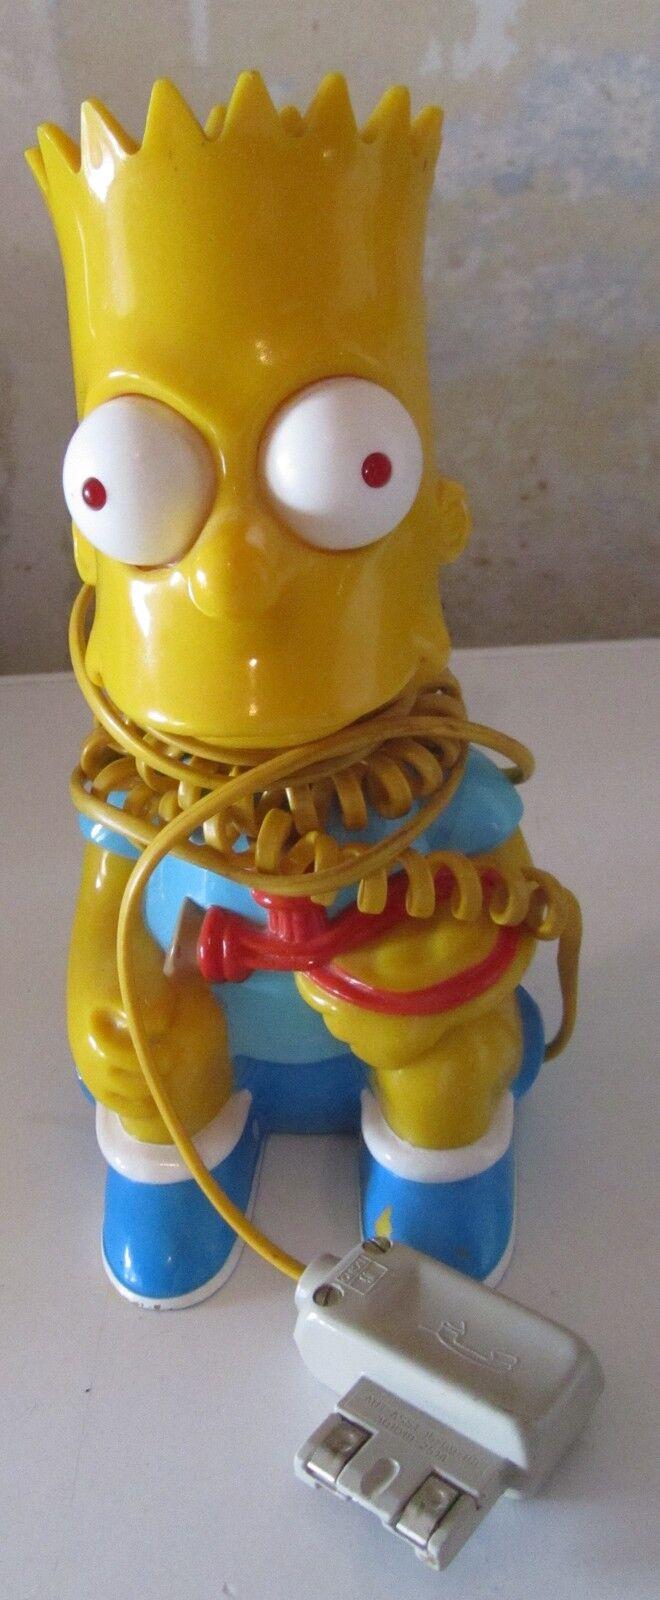 Telefono Bart Simpson vintage anni 90 attacco straniero non posso testarlo